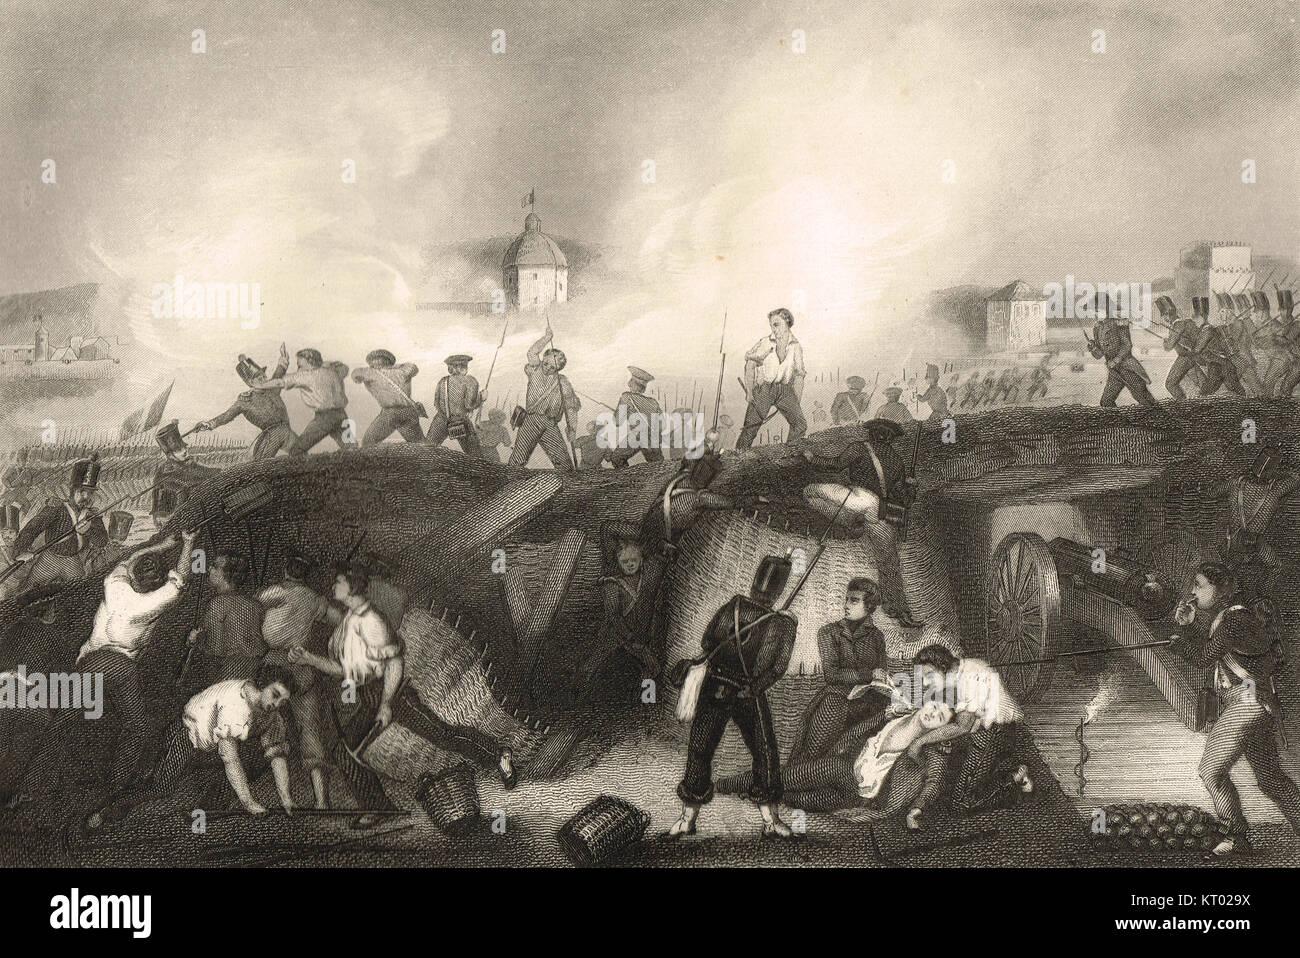 Assedio di Ciudad Rodrigo, storming la fortezza, 19 Gennaio 1812 Immagini Stock